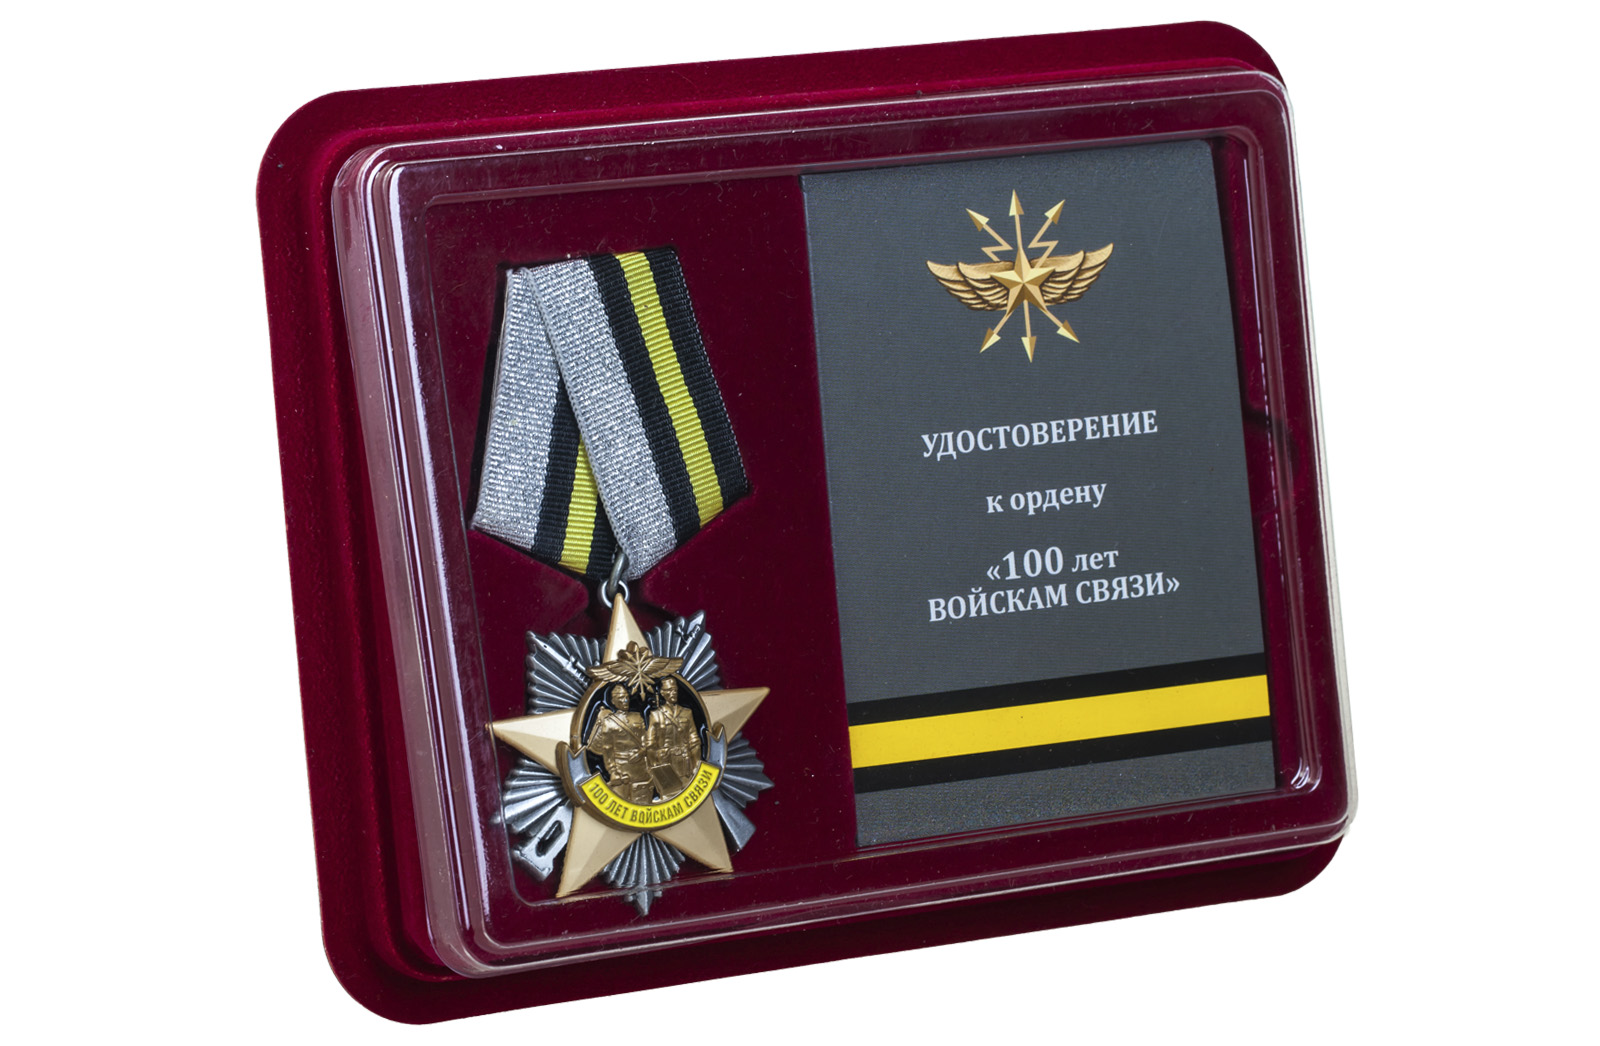 Купить юбилейный орден 100 лет Войскам связи на колодке онлайн с доставкой